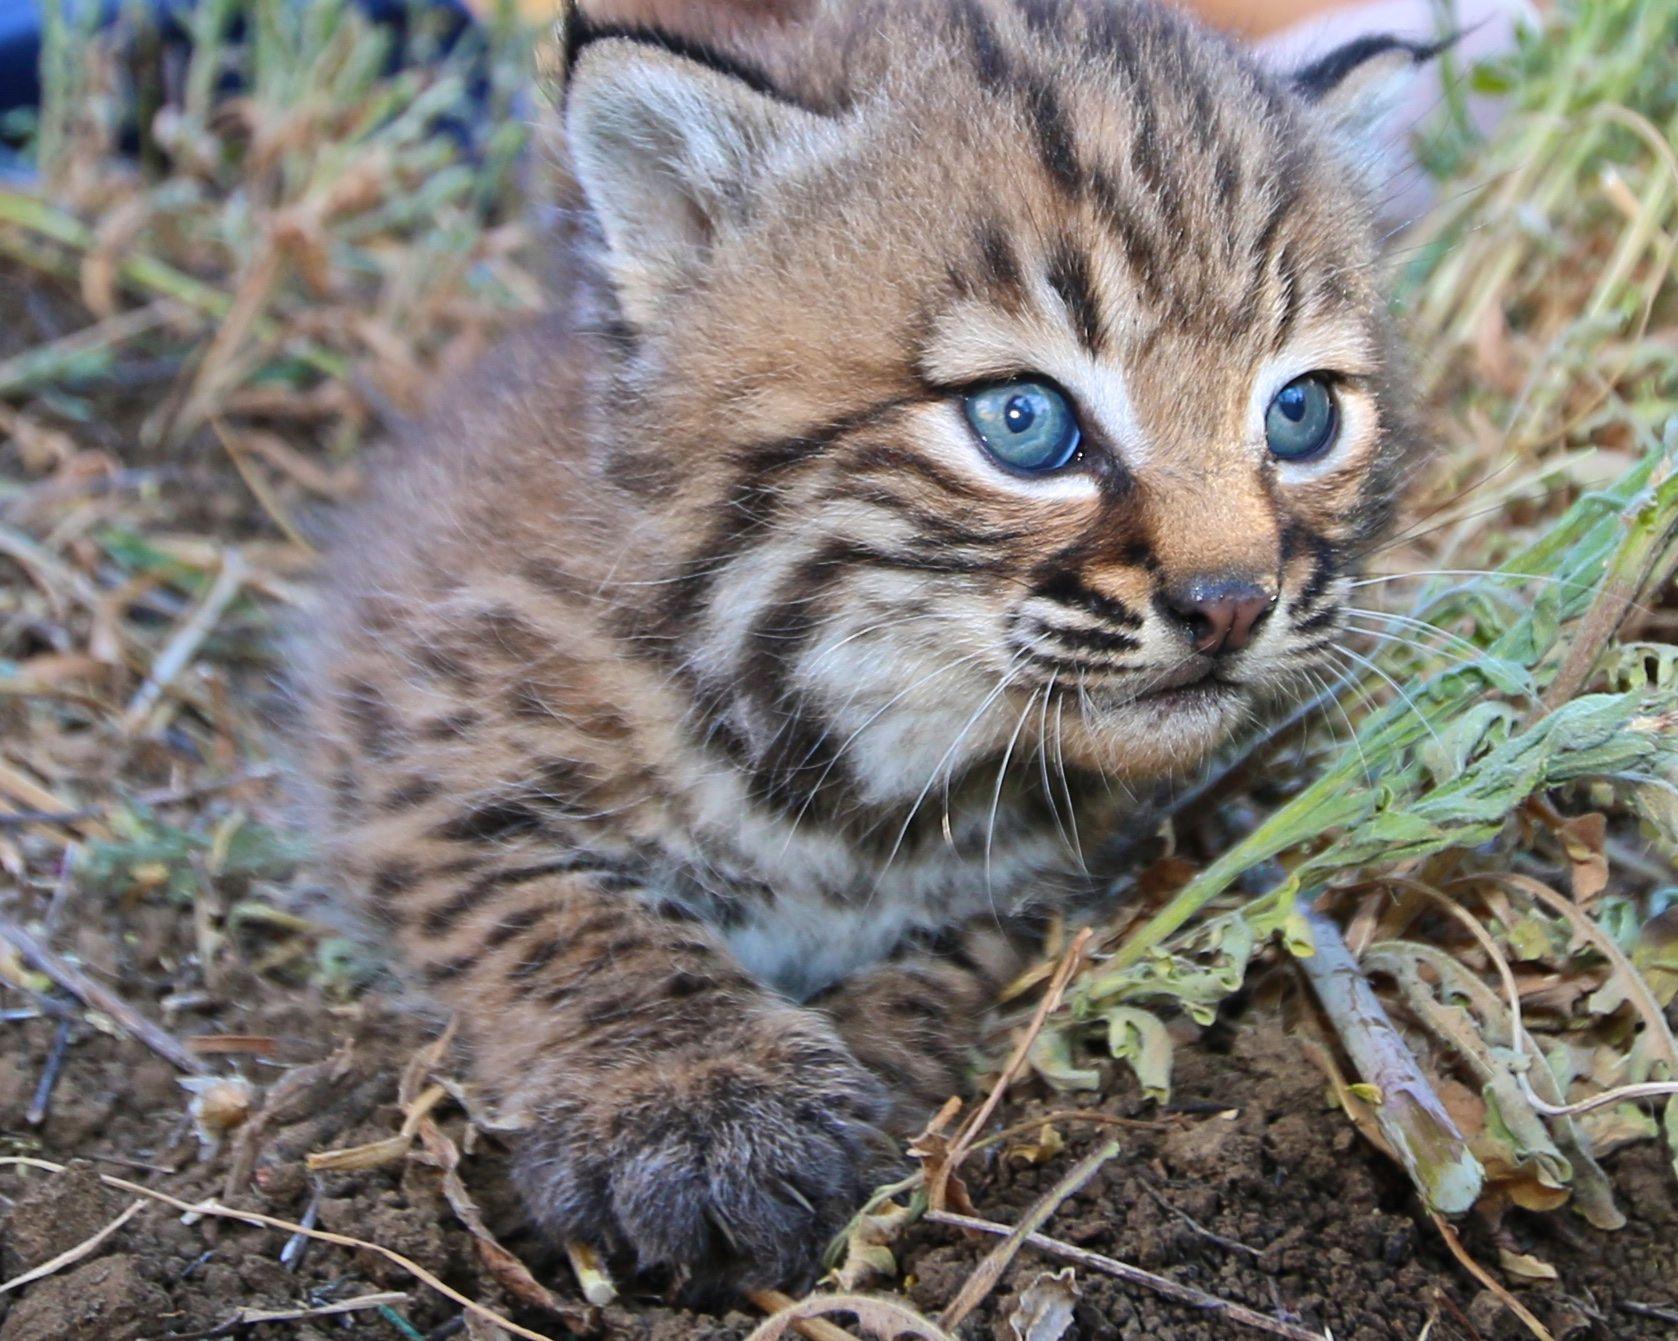 Bobcat Kittens B326 And B327 Bobcat Kitten Baby Bobcat Animals